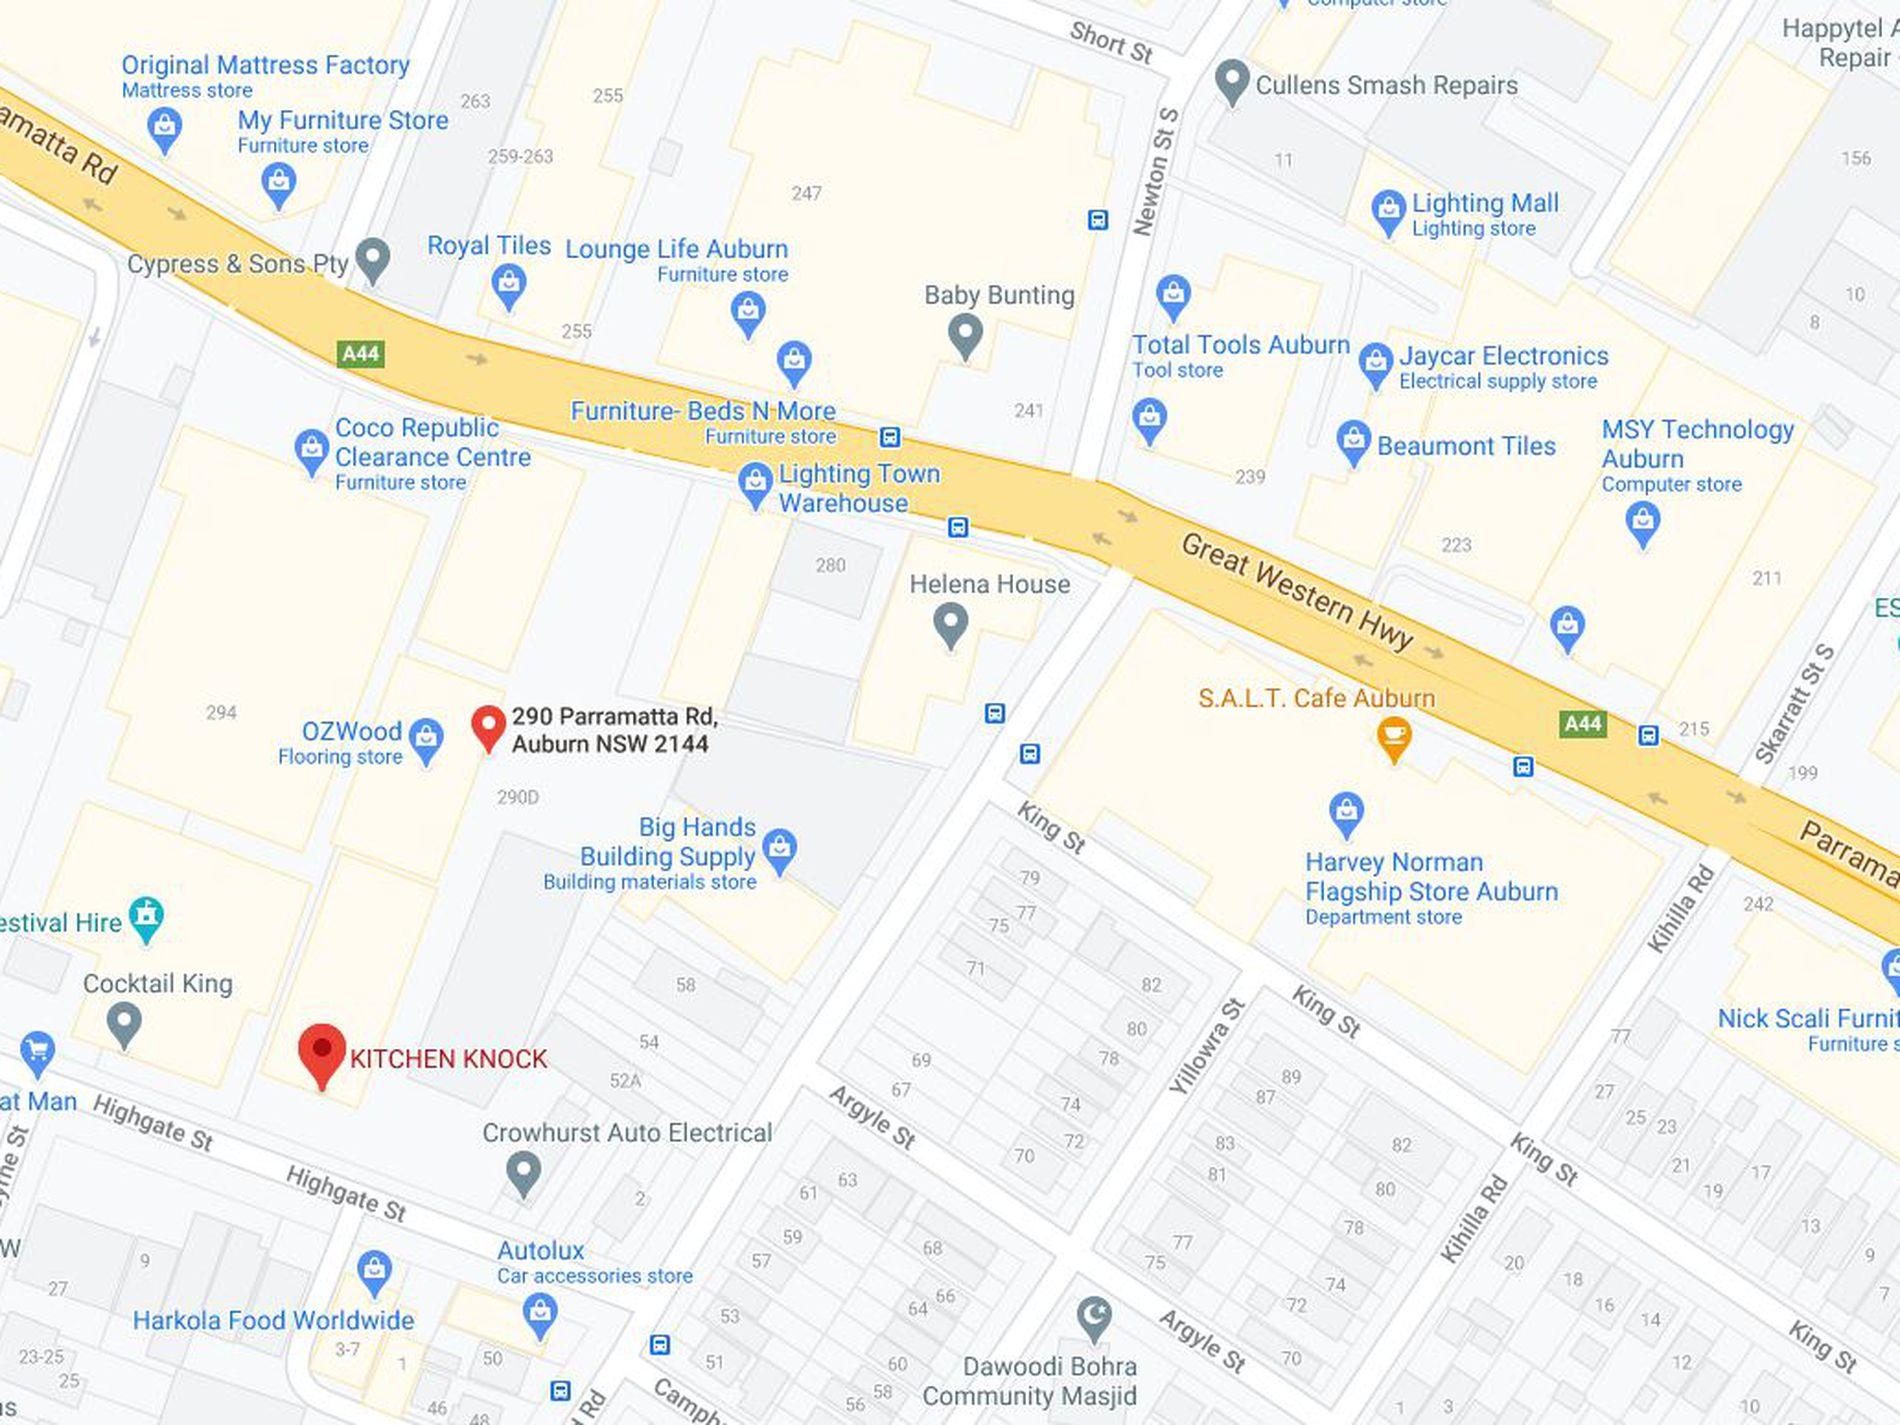 290 Parramatta Road, Auburn